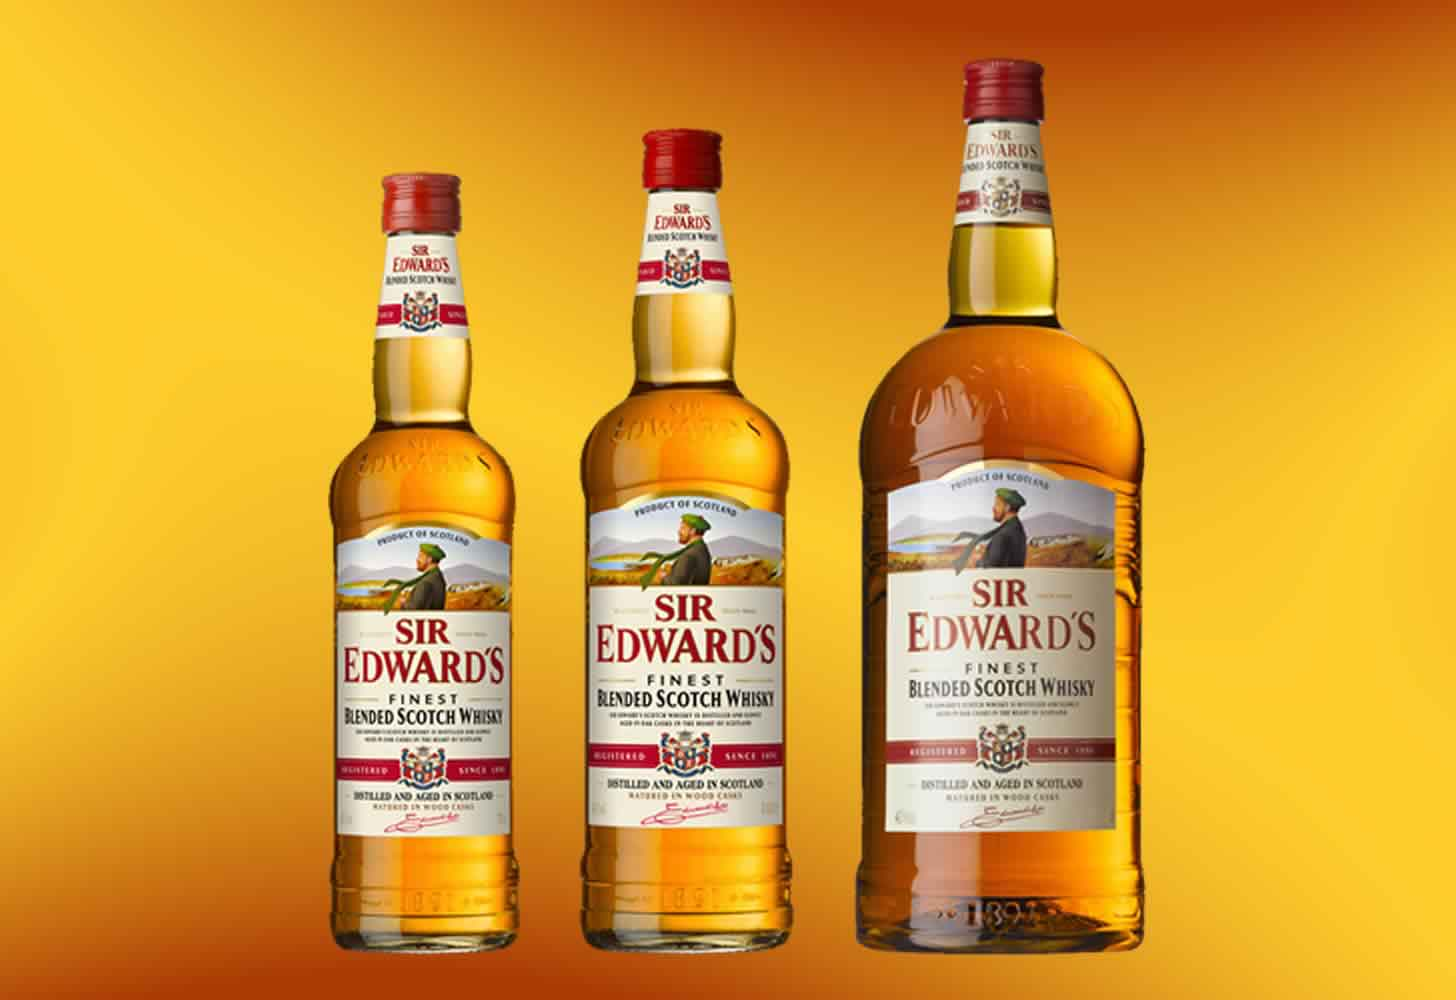 Виски sir edwards: история происхождения и этапы производства